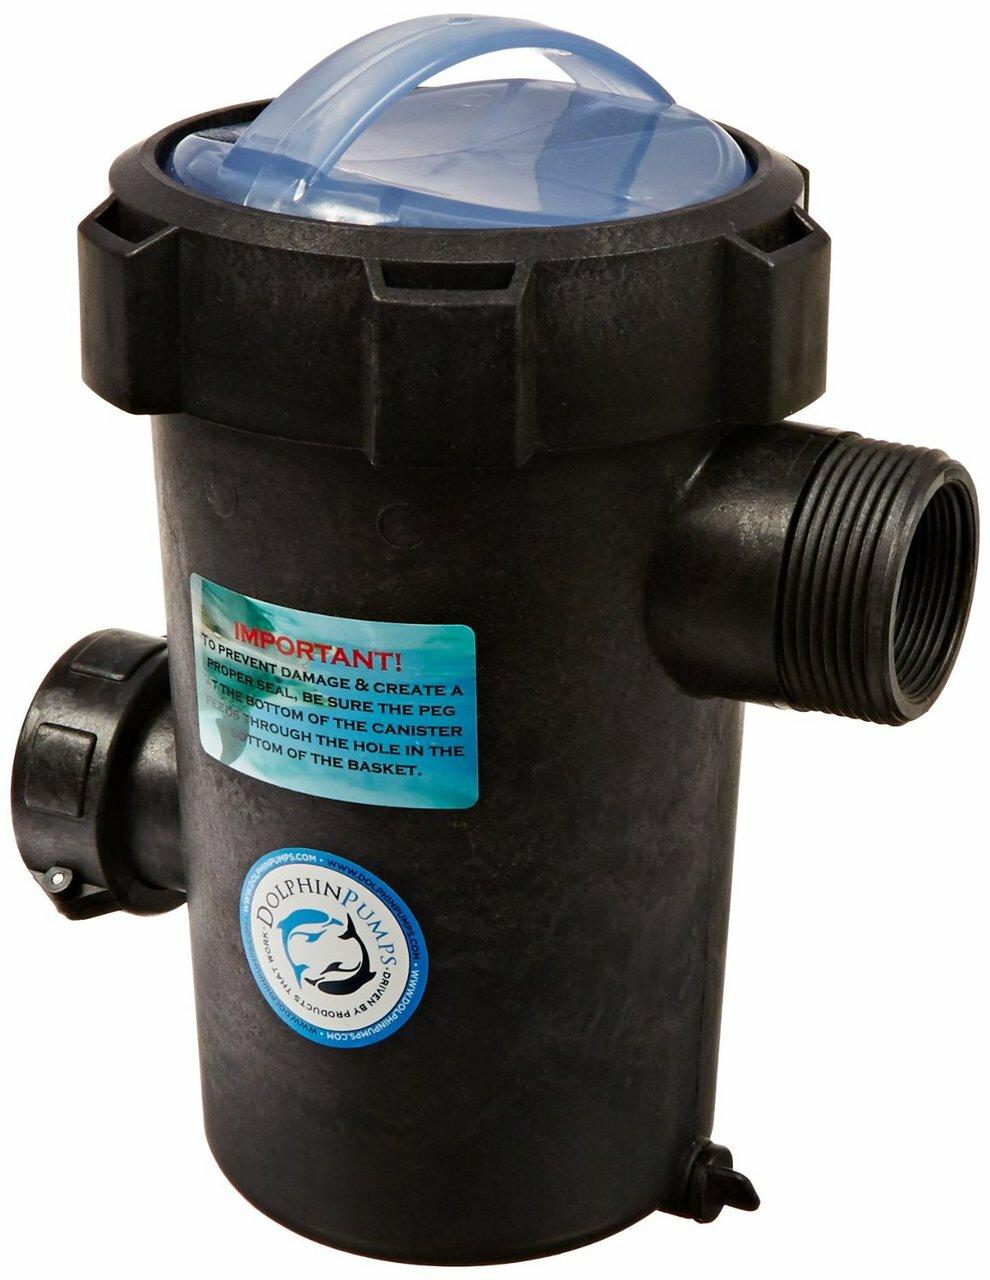 Dolphin Pumps EZ Priming Pots